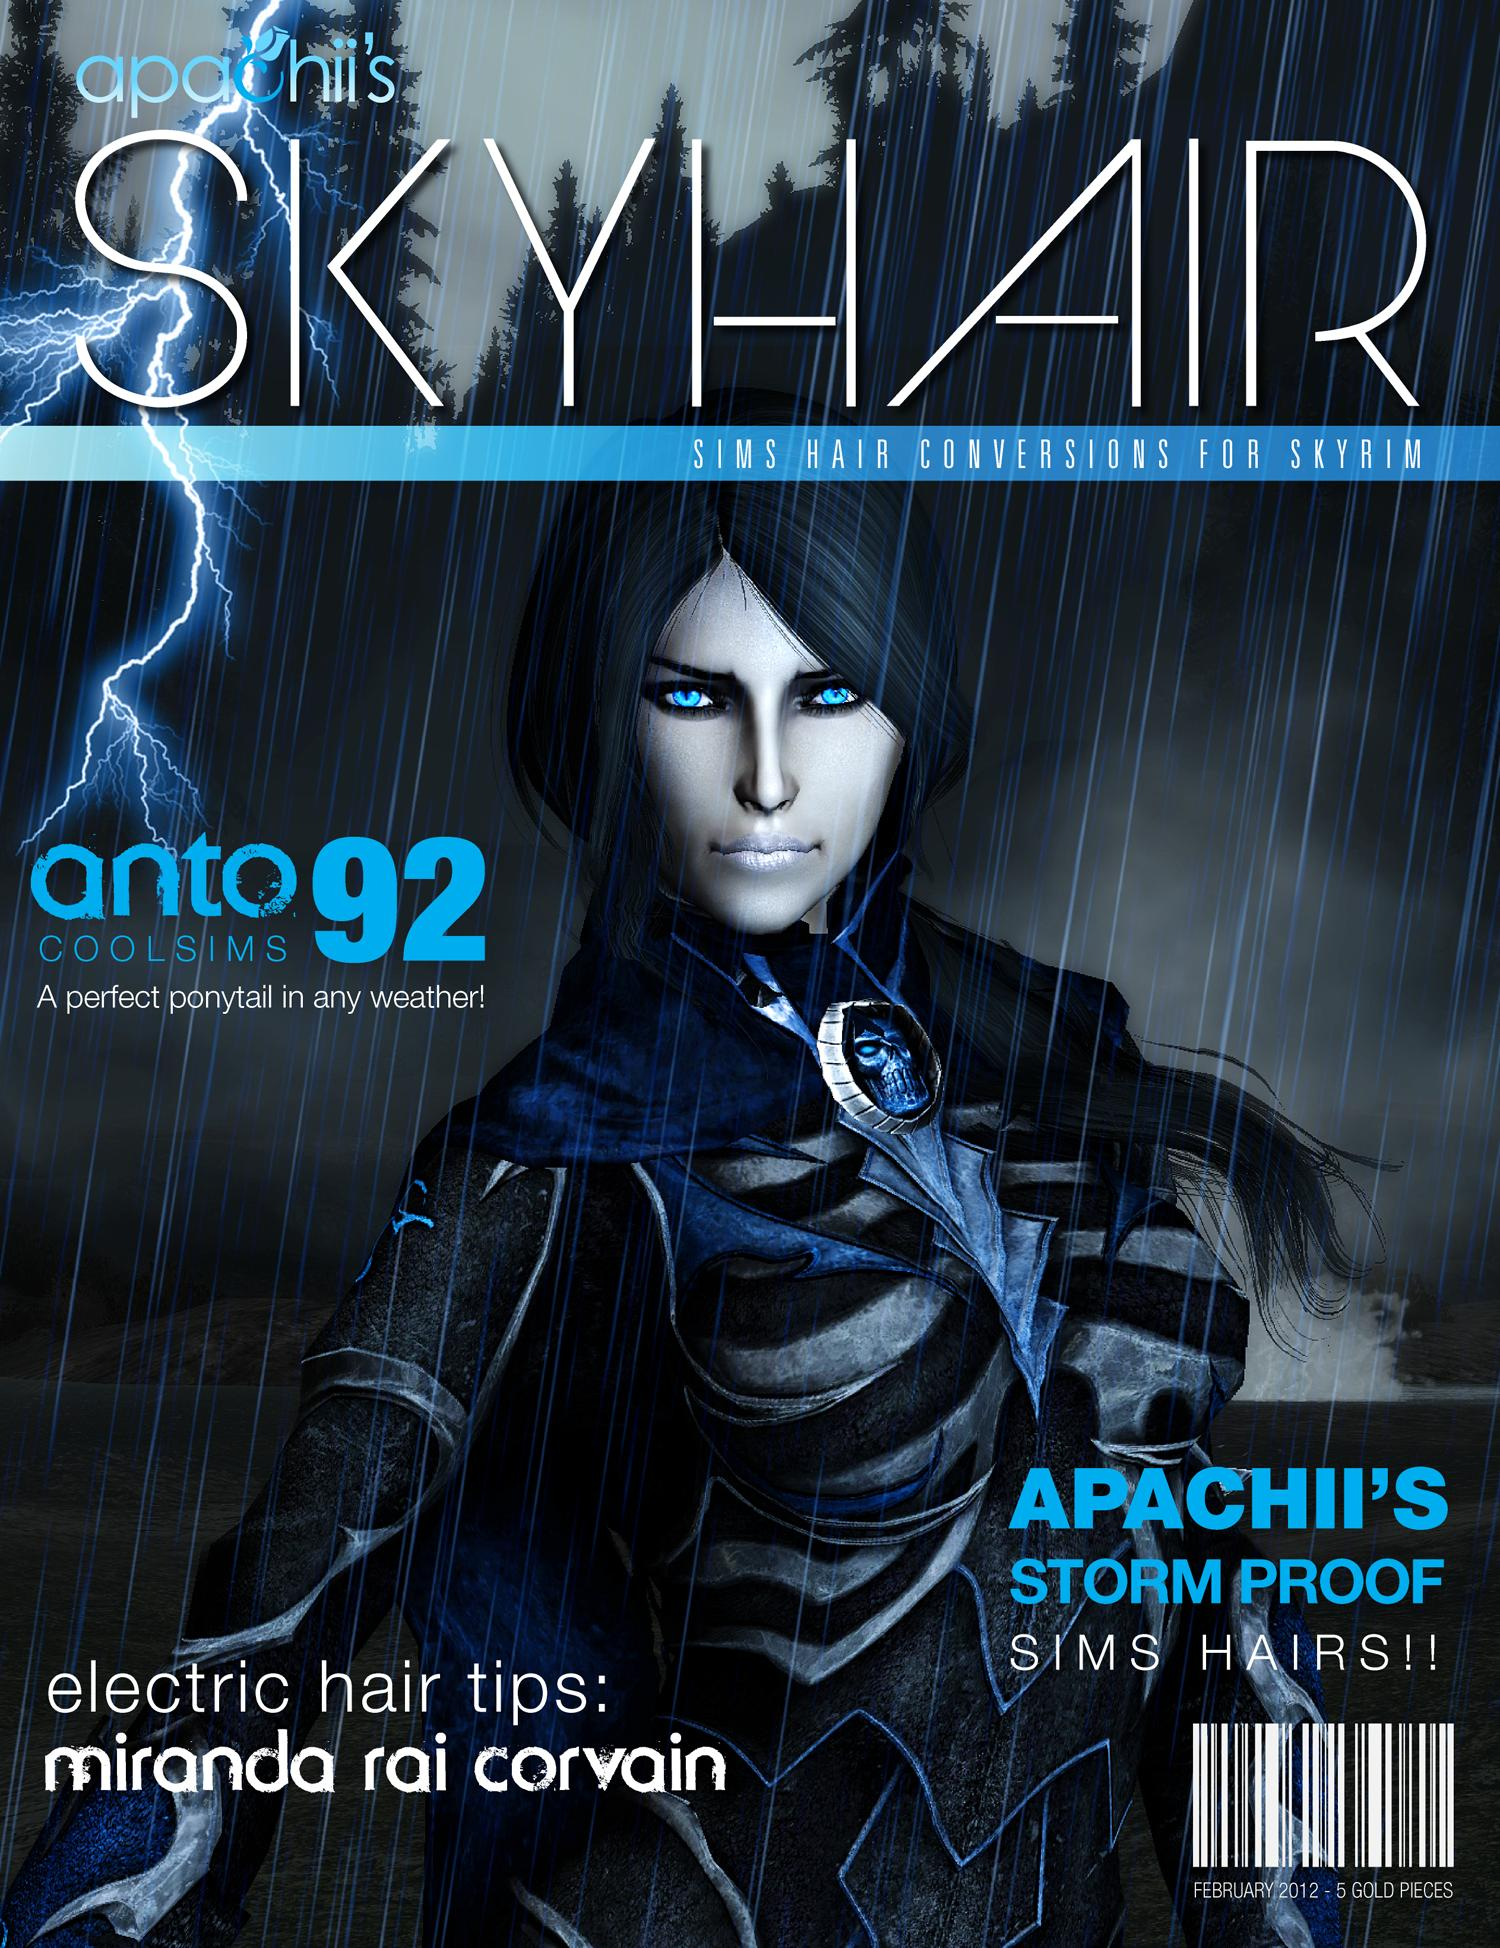 Apachii Skyhair